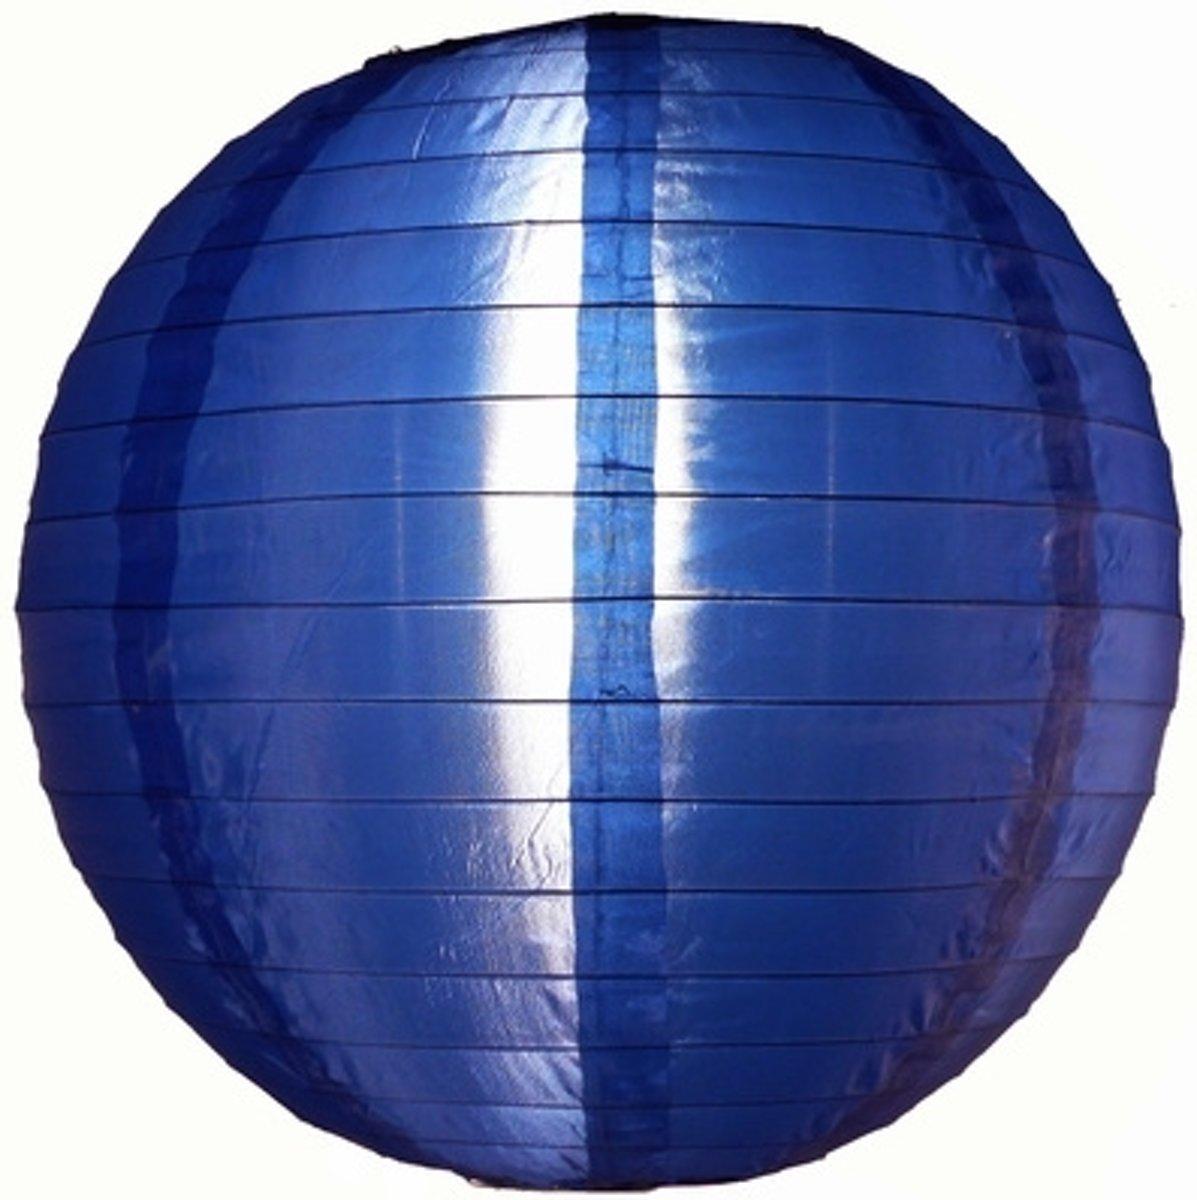 5 x Nylon lampion donker blauw 45 cm - EK2020 Koningsdag versiering rood wit blauw oranje kopen